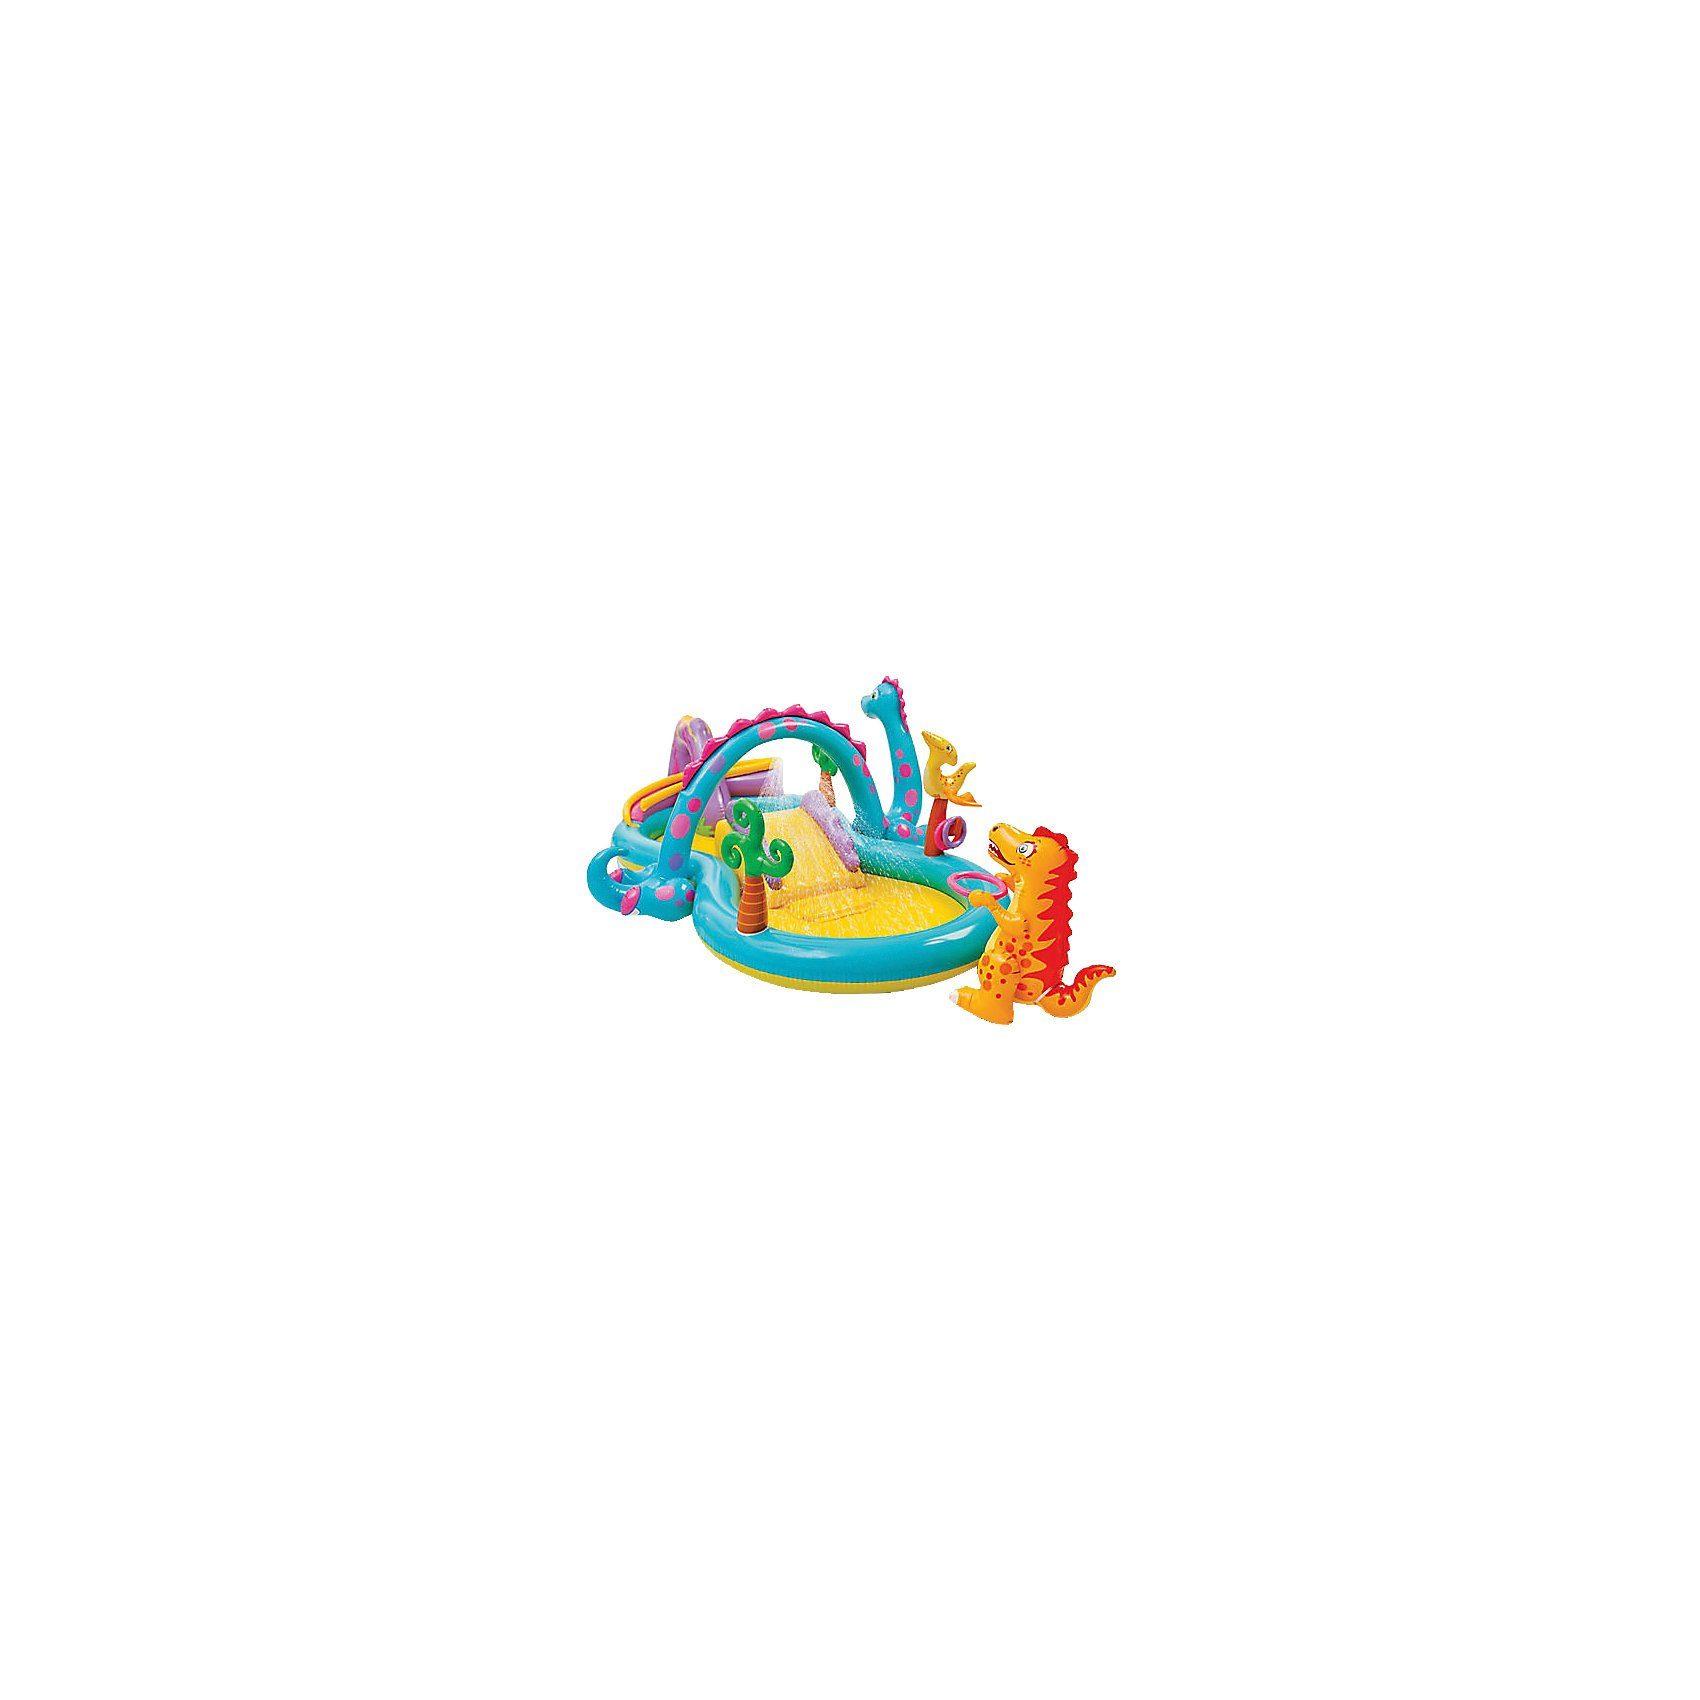 """Intex Planschbecken """"Dinoland"""", 333 x 229 cm"""